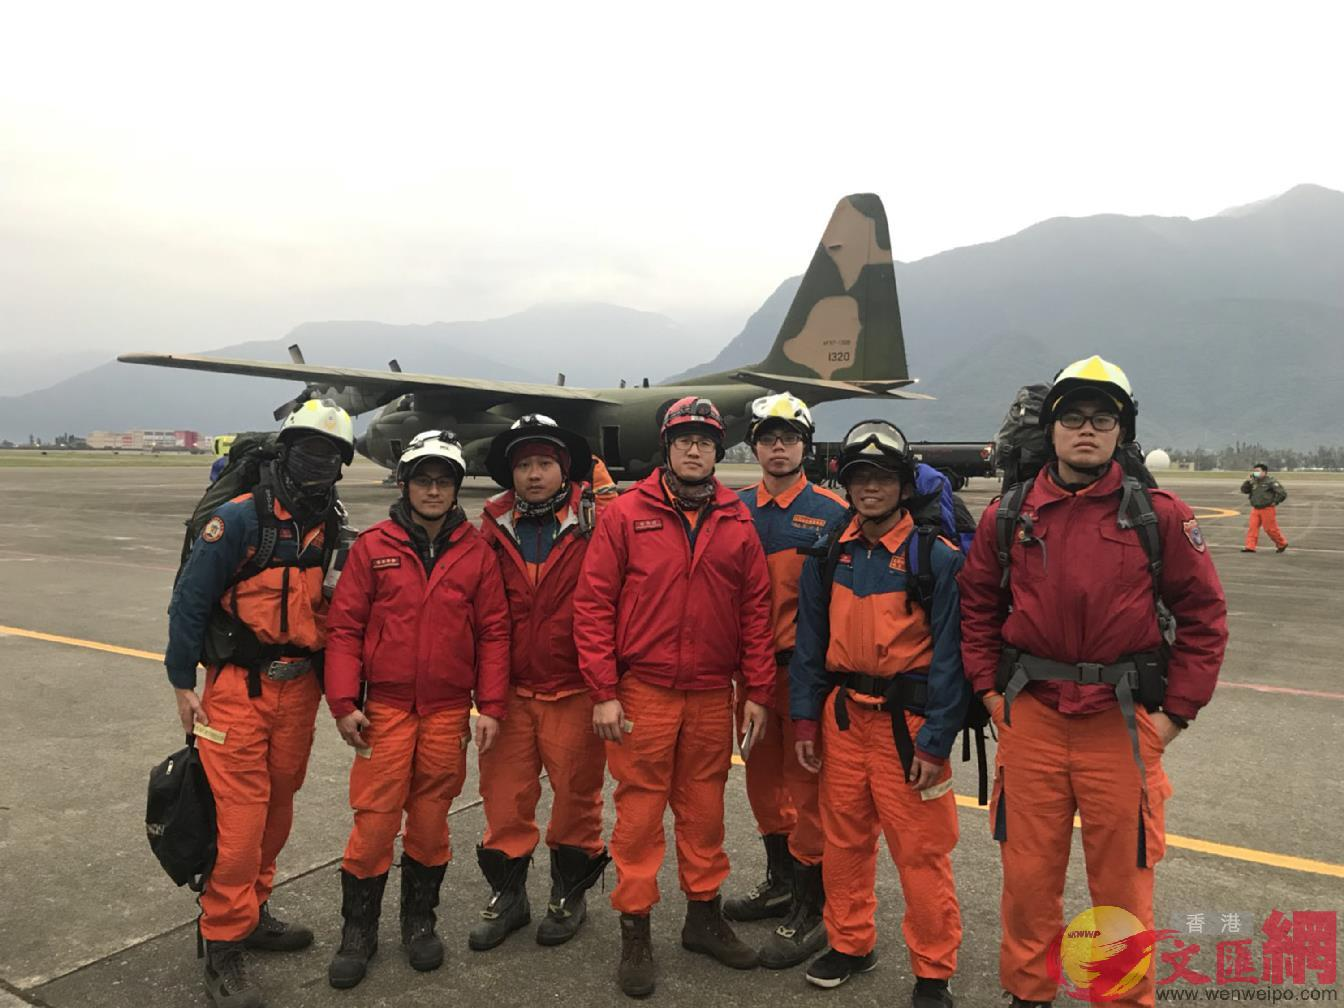 7日11:00:苗栗縣消防局派遣特搜隊員8人,搭乘飛機前往災區阿官火鍋大樓執行搜救任務。